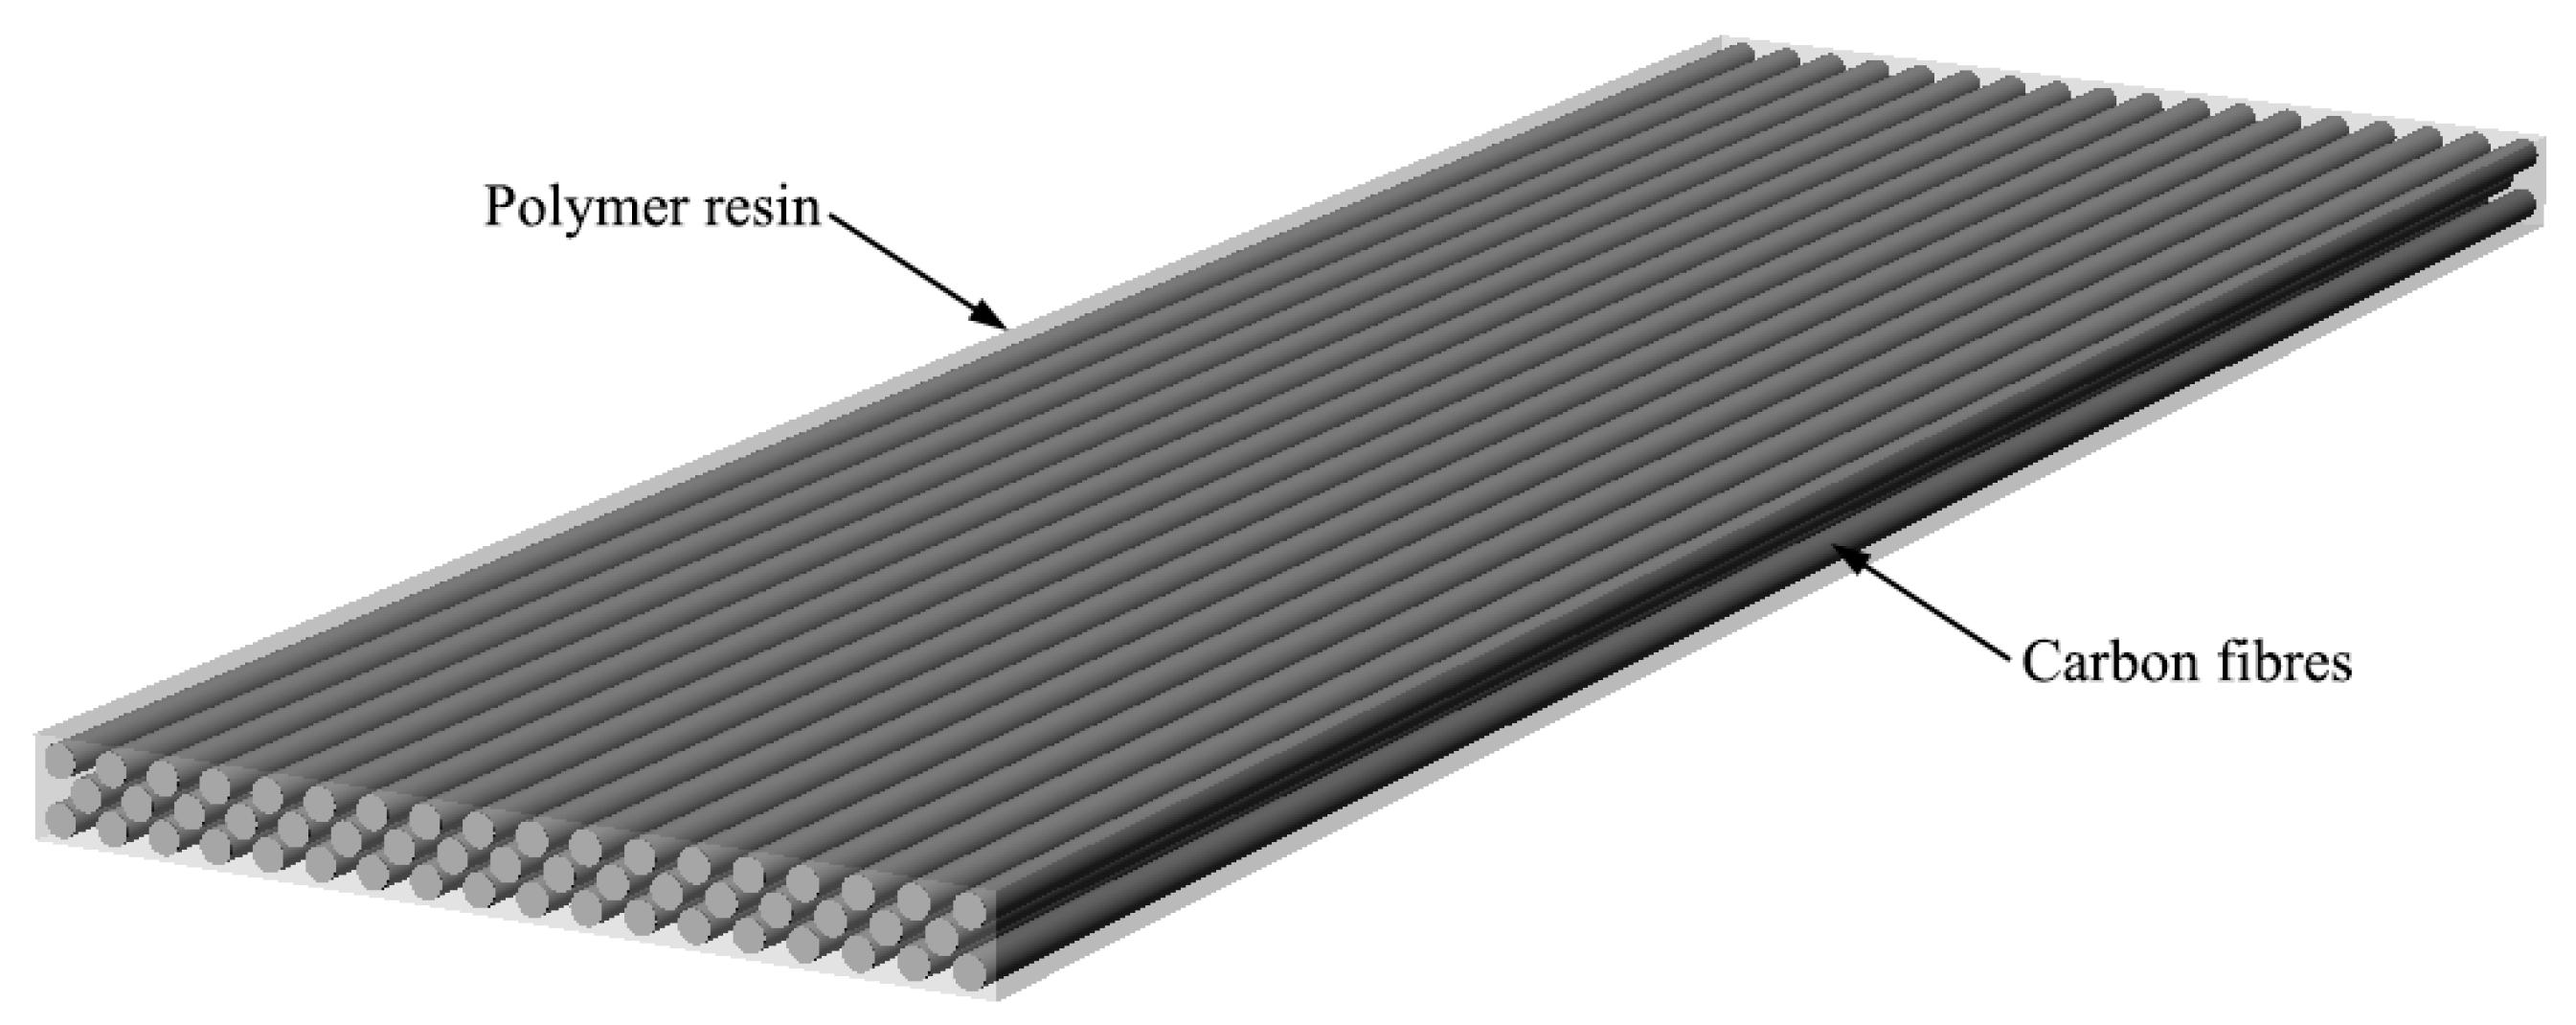 fiber reinforced plastic - Hizir kaptanband co